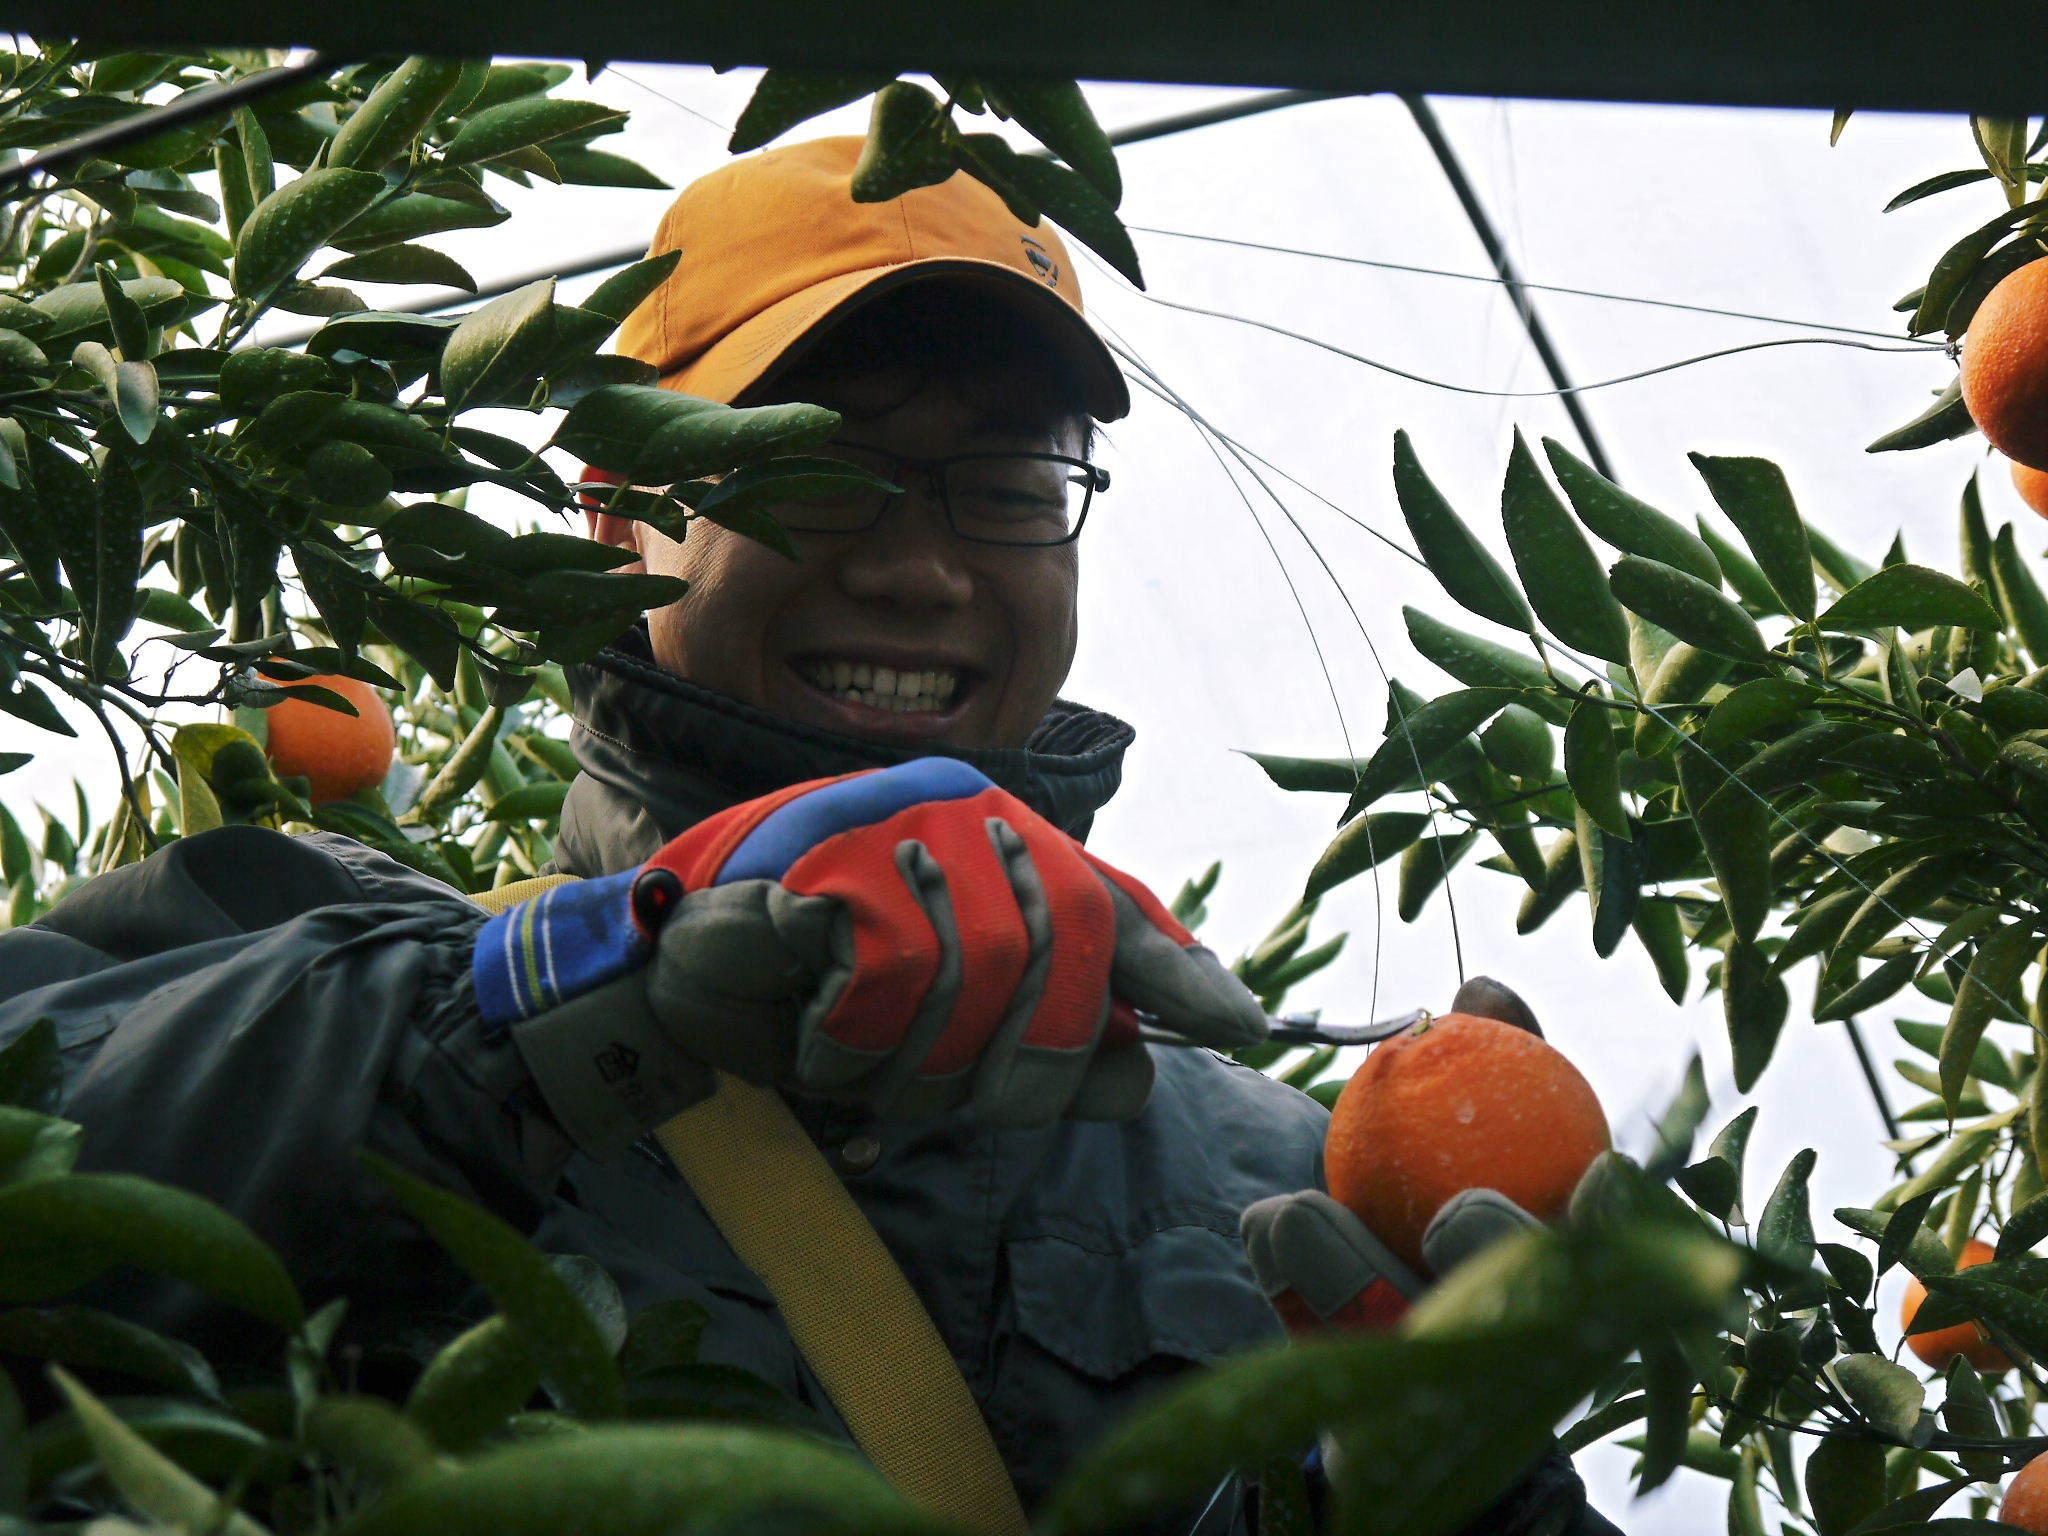 究極の柑橘『せとか』 令和2年の出荷スタート!収穫の様子を現地取材!(後編)_a0254656_19065551.jpg